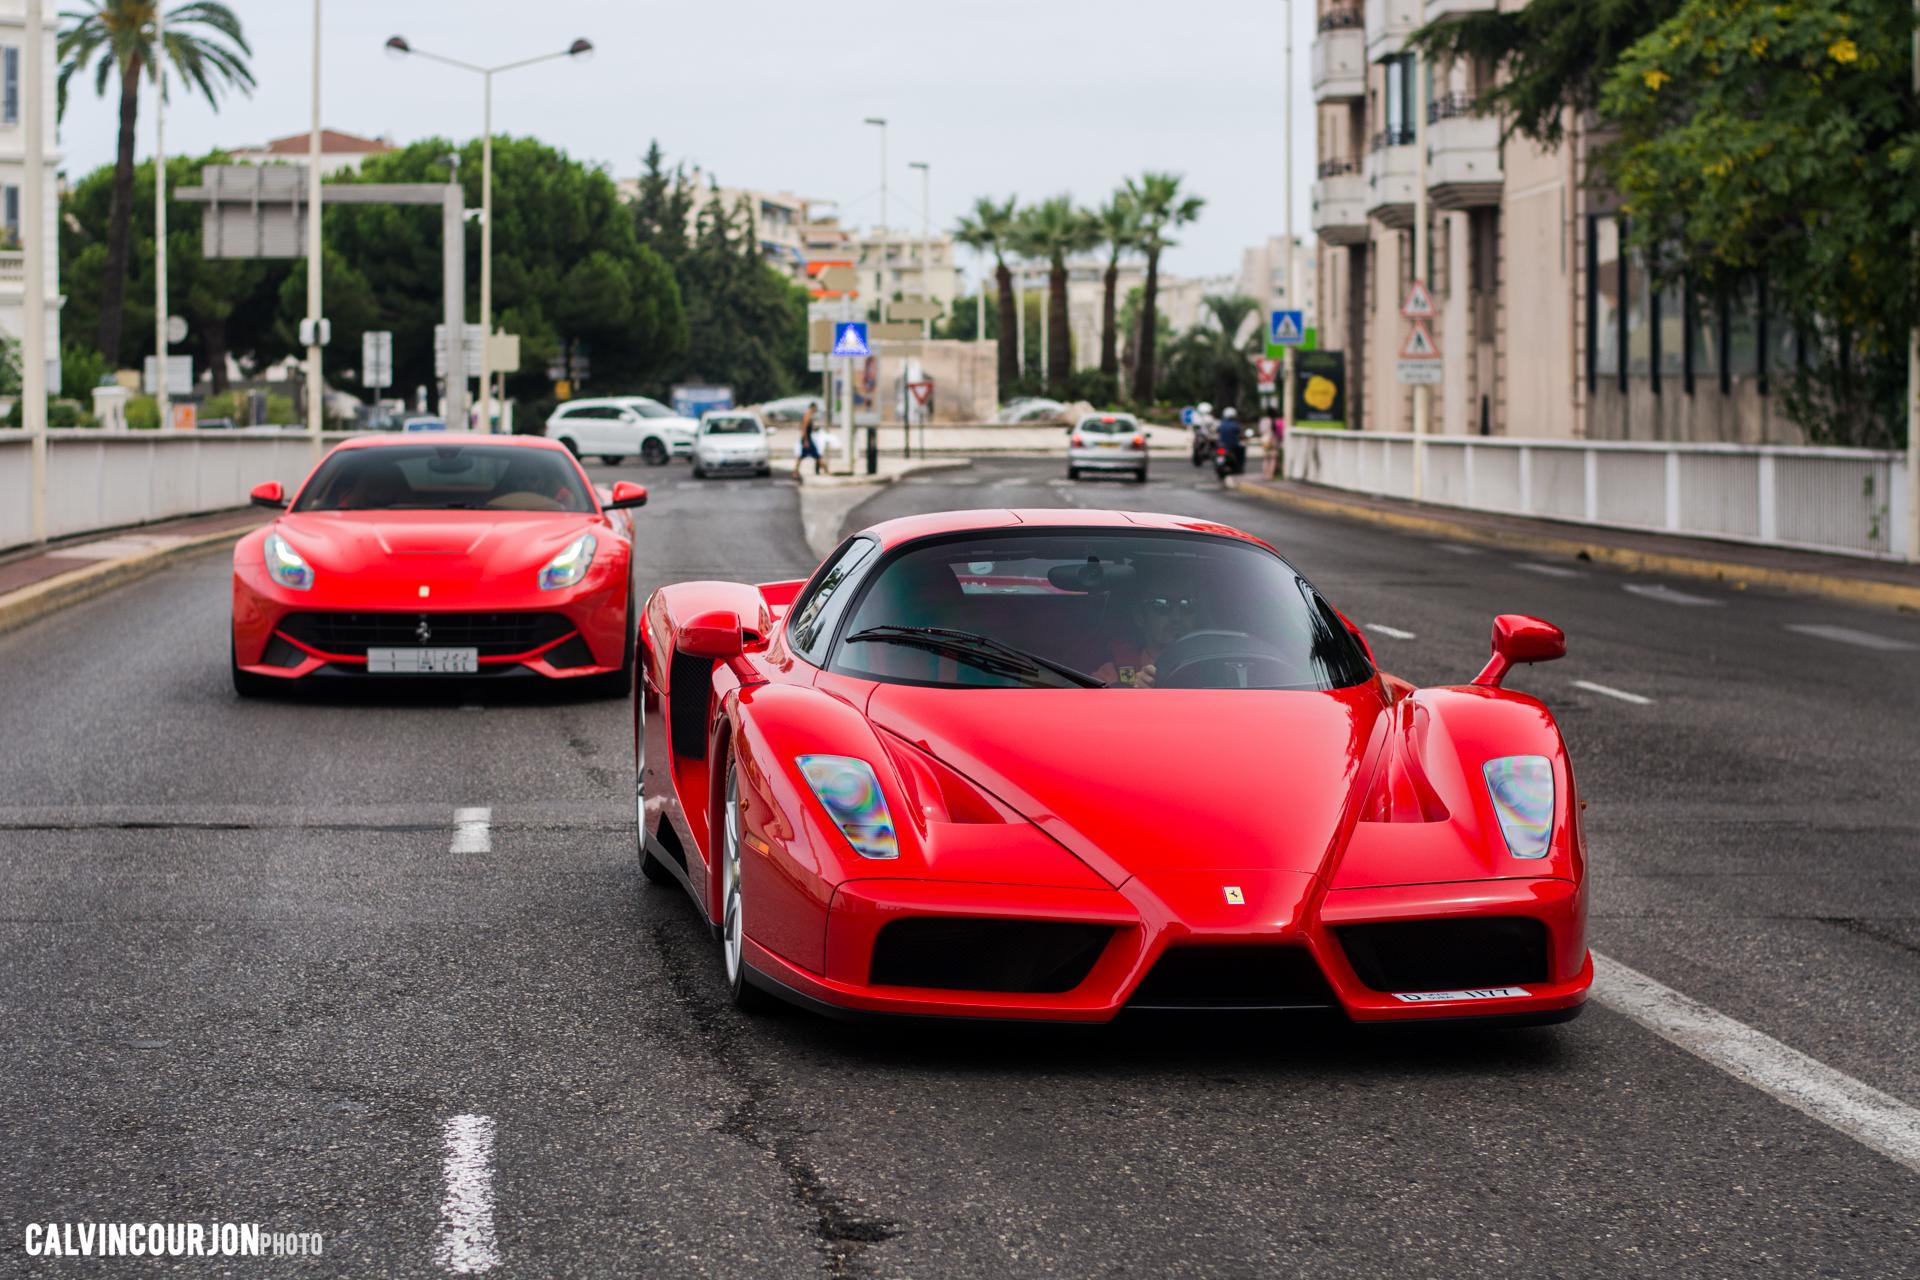 Ferrari Enzo, Ferrari F12 - face avant - Cote dAzur - 2015 - Calvin Courjon